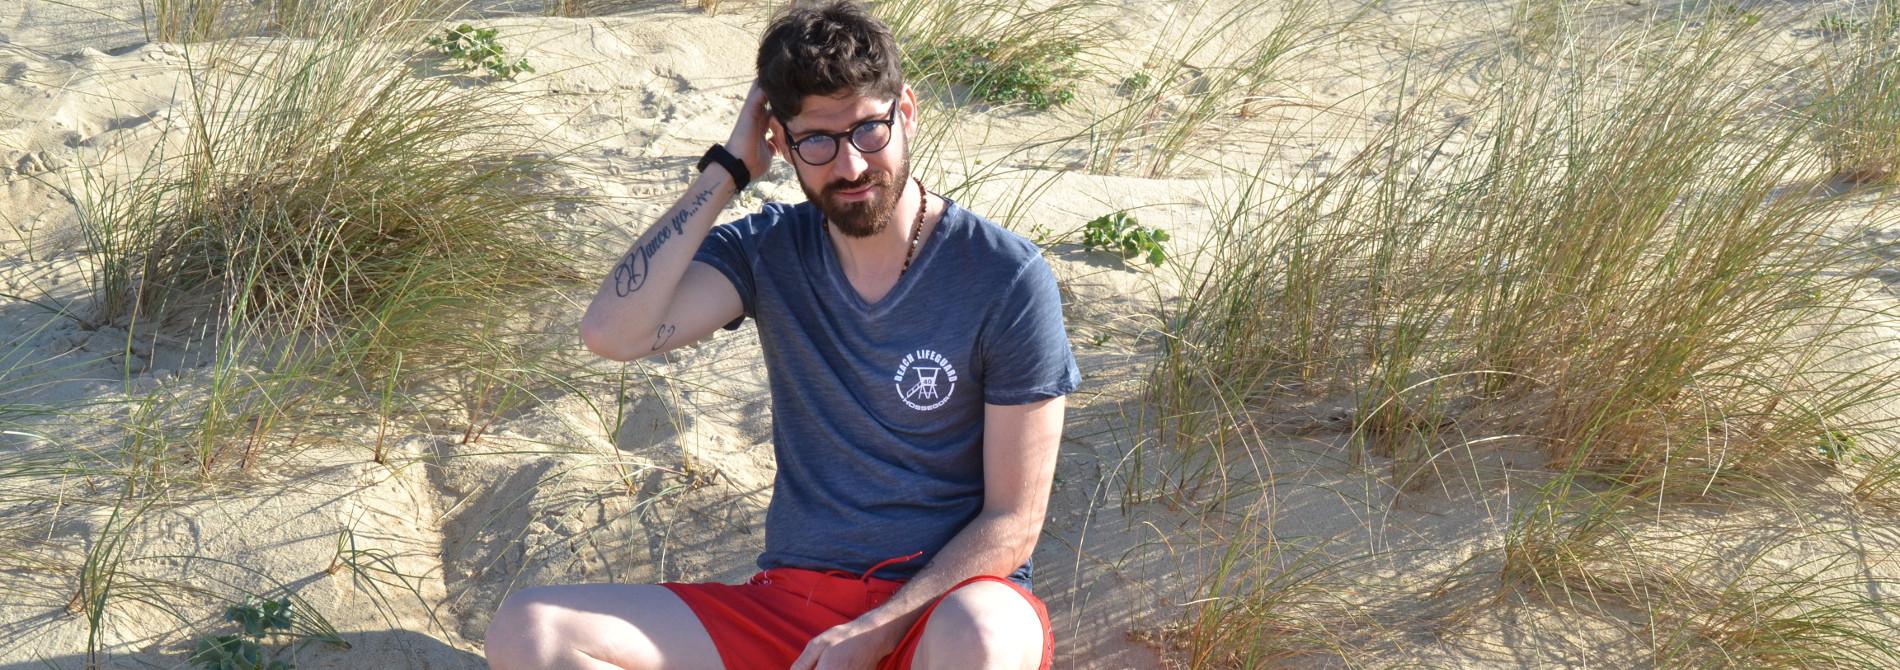 Tee Shirt Homme Beach Lifeguard Hossegor